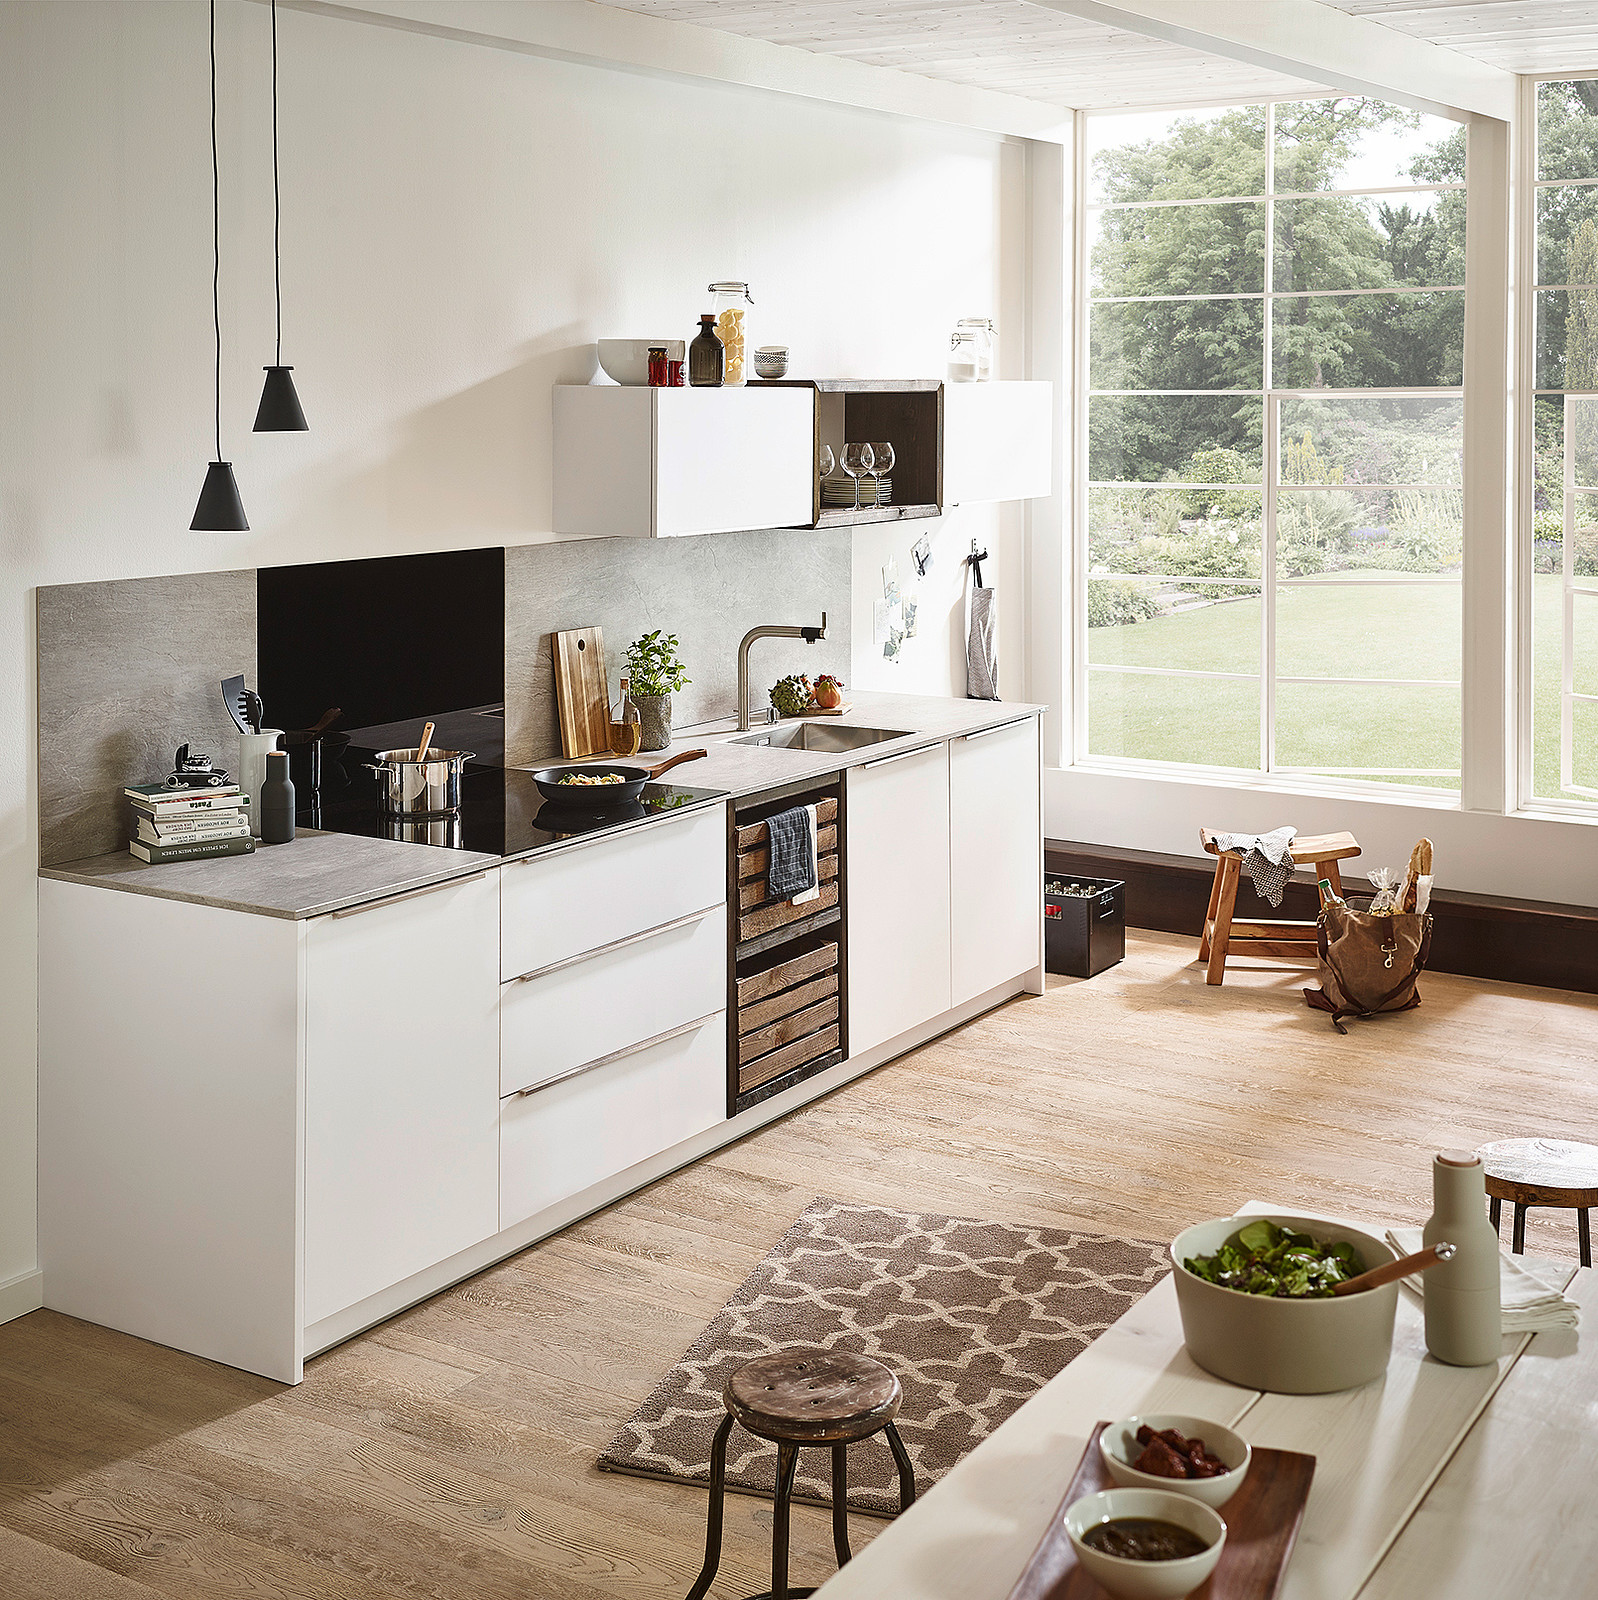 Full Size of Küche Landhaus Kaufen Günstig Möbelgriffe Was Kostet Eine Neue Schnittschutzhandschuhe Einbauküche Mit Elektrogeräten L Form Kleine Grau Hochglanz Küche Rückwand Küche Glas